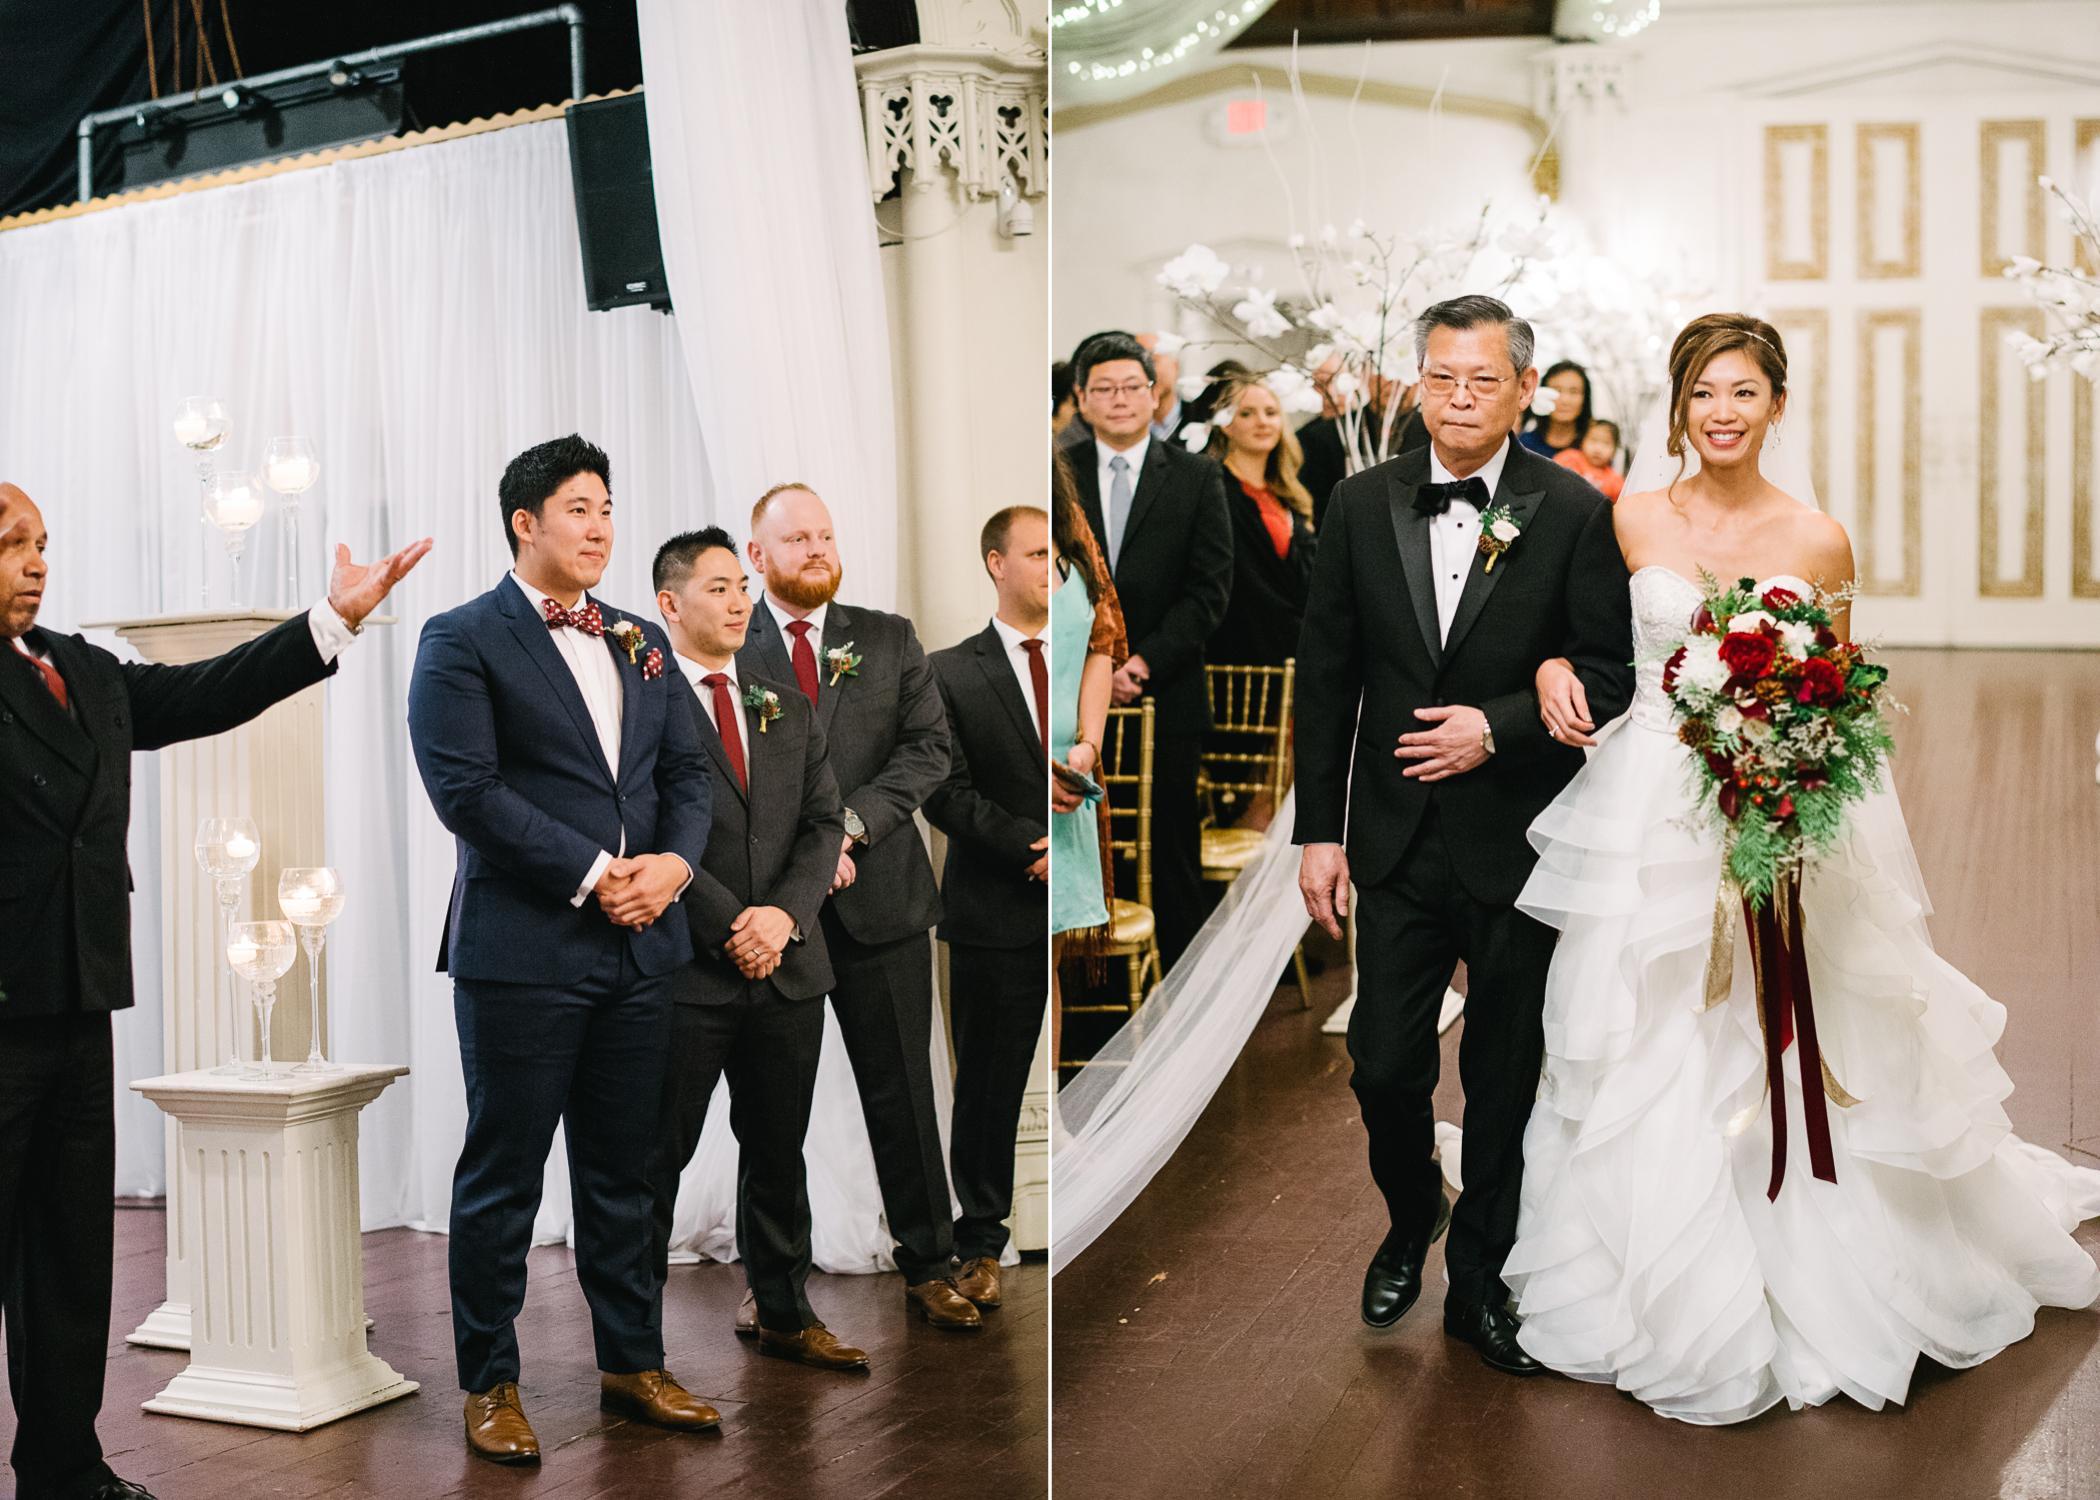 elysian-ballroom-portland-wedding-071a.jpg